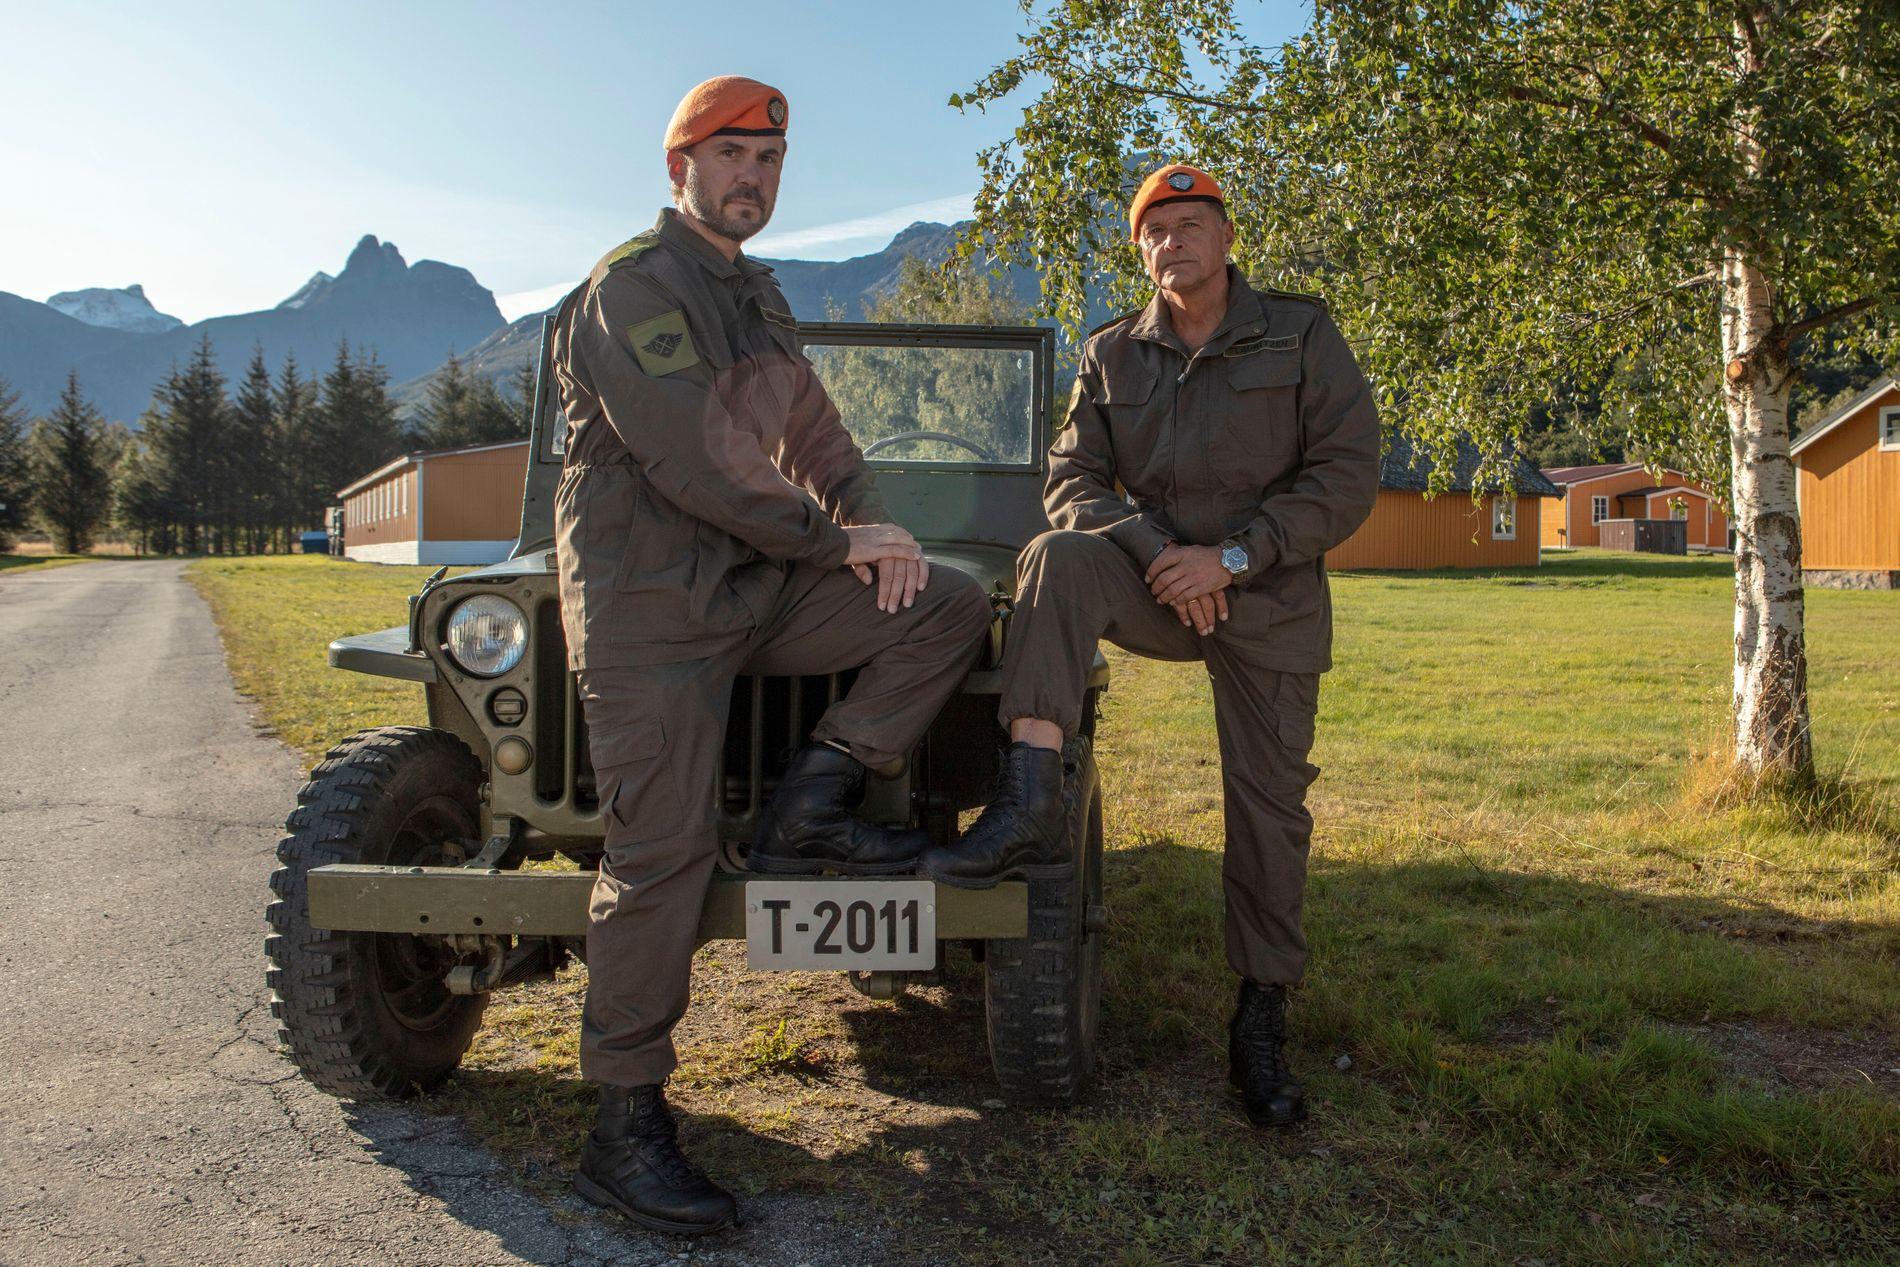 SPØK OG ALVOR: Dag Otto Lauritzen og Kristian Ødegård inviterer til den kanskje strengeste reality-serien i 2020 gjennom «Kompani Lauritzen».